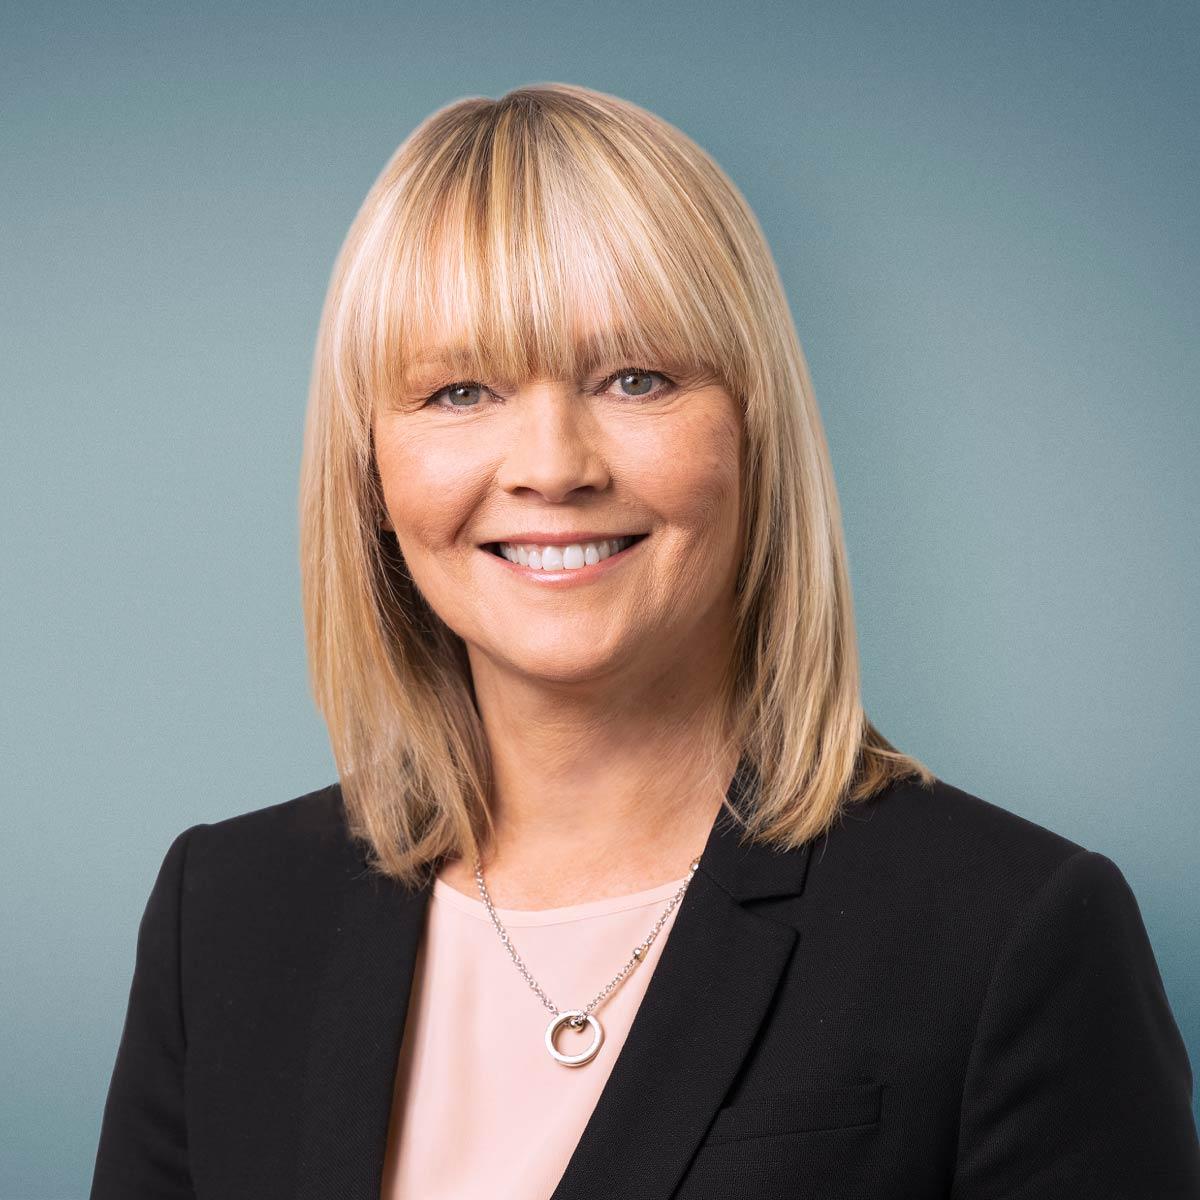 Sigrún Ragna Ólafsdóttir